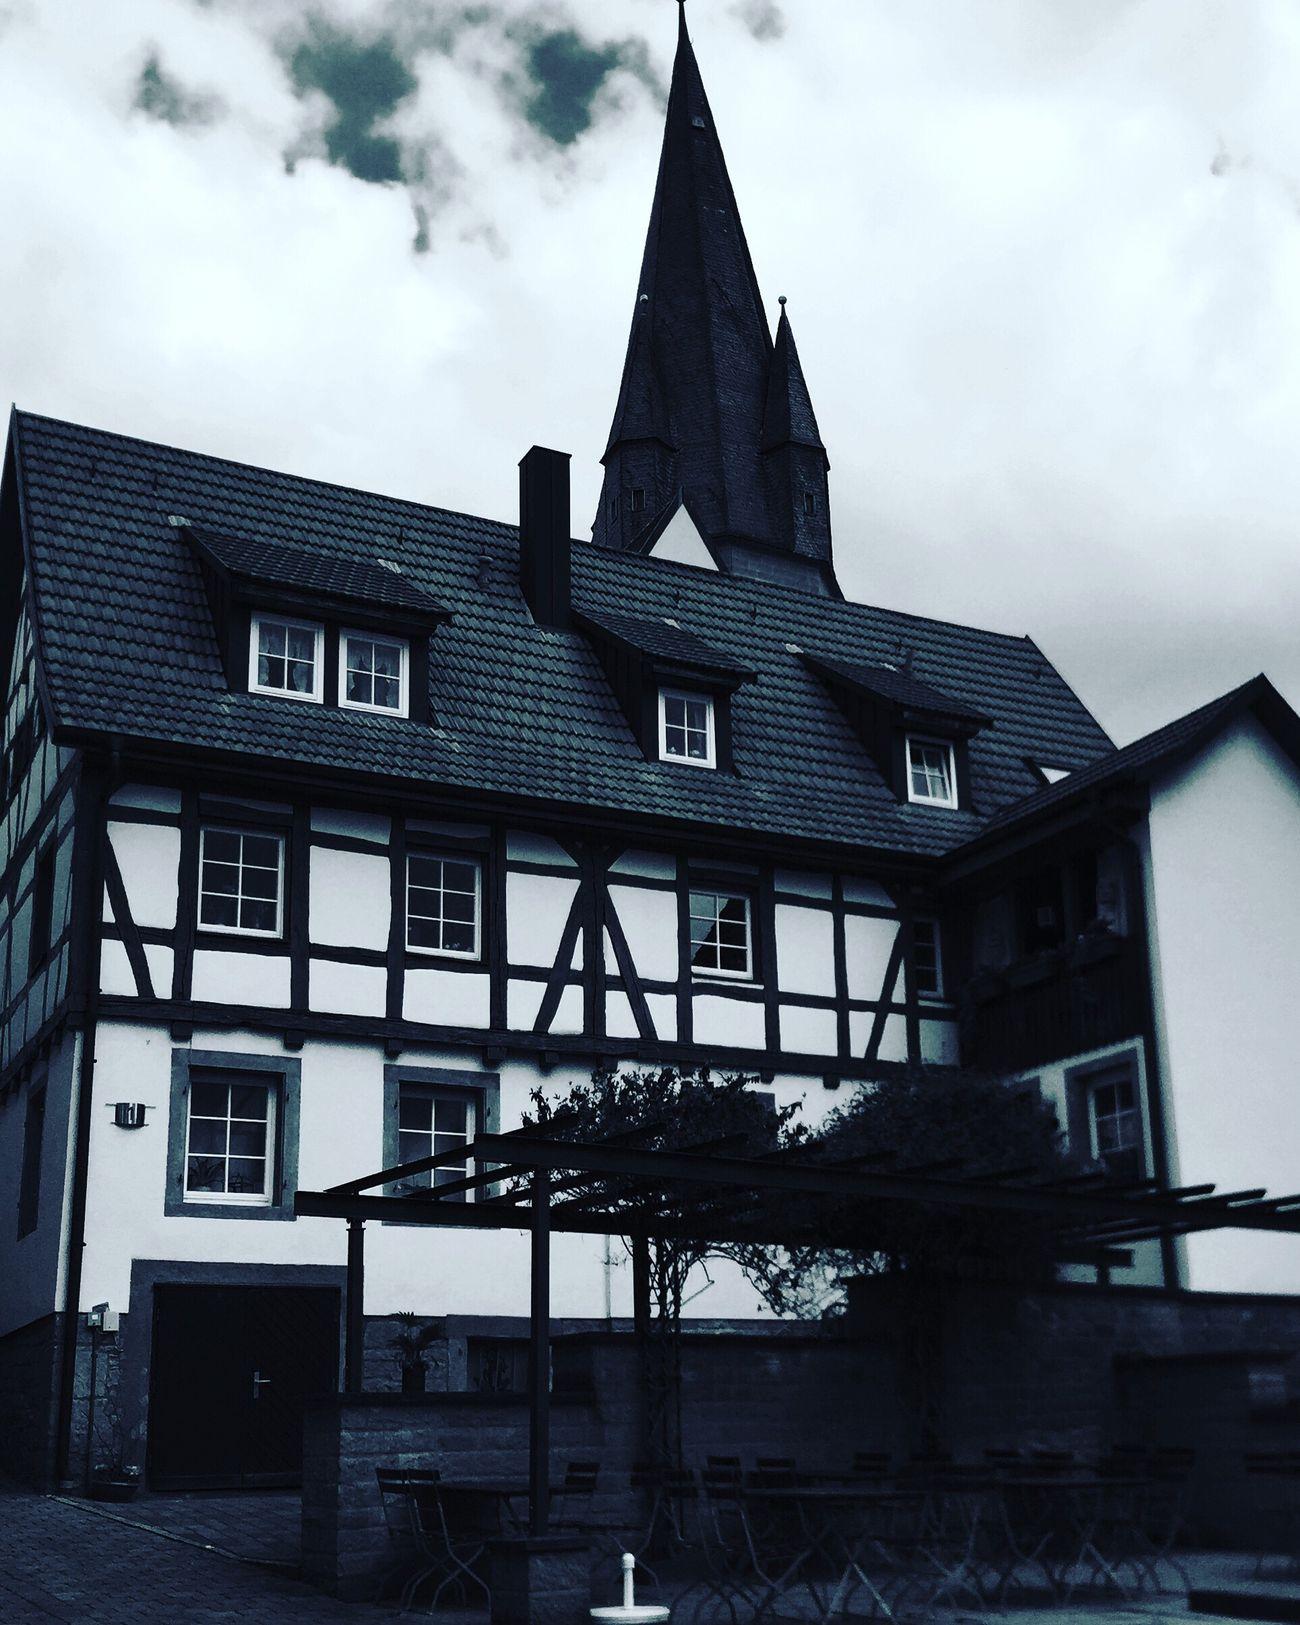 Altstadt Eppingen First Eyeem Photo Blackandwhite Buildinds Love ♥